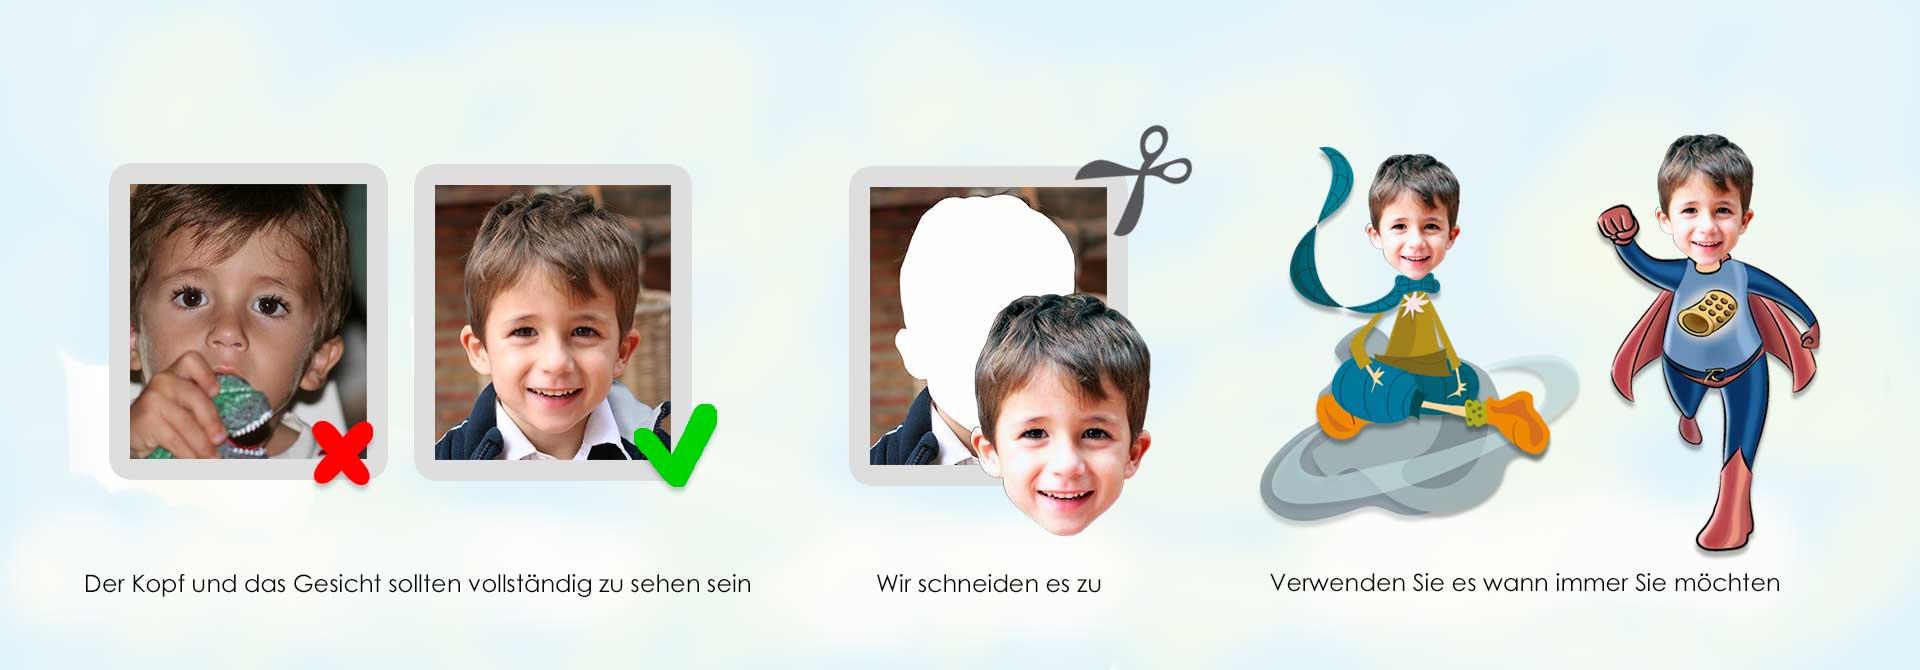 Fotoausschnitt für personalisierte Geschichten - Produkt- Kopfzeile